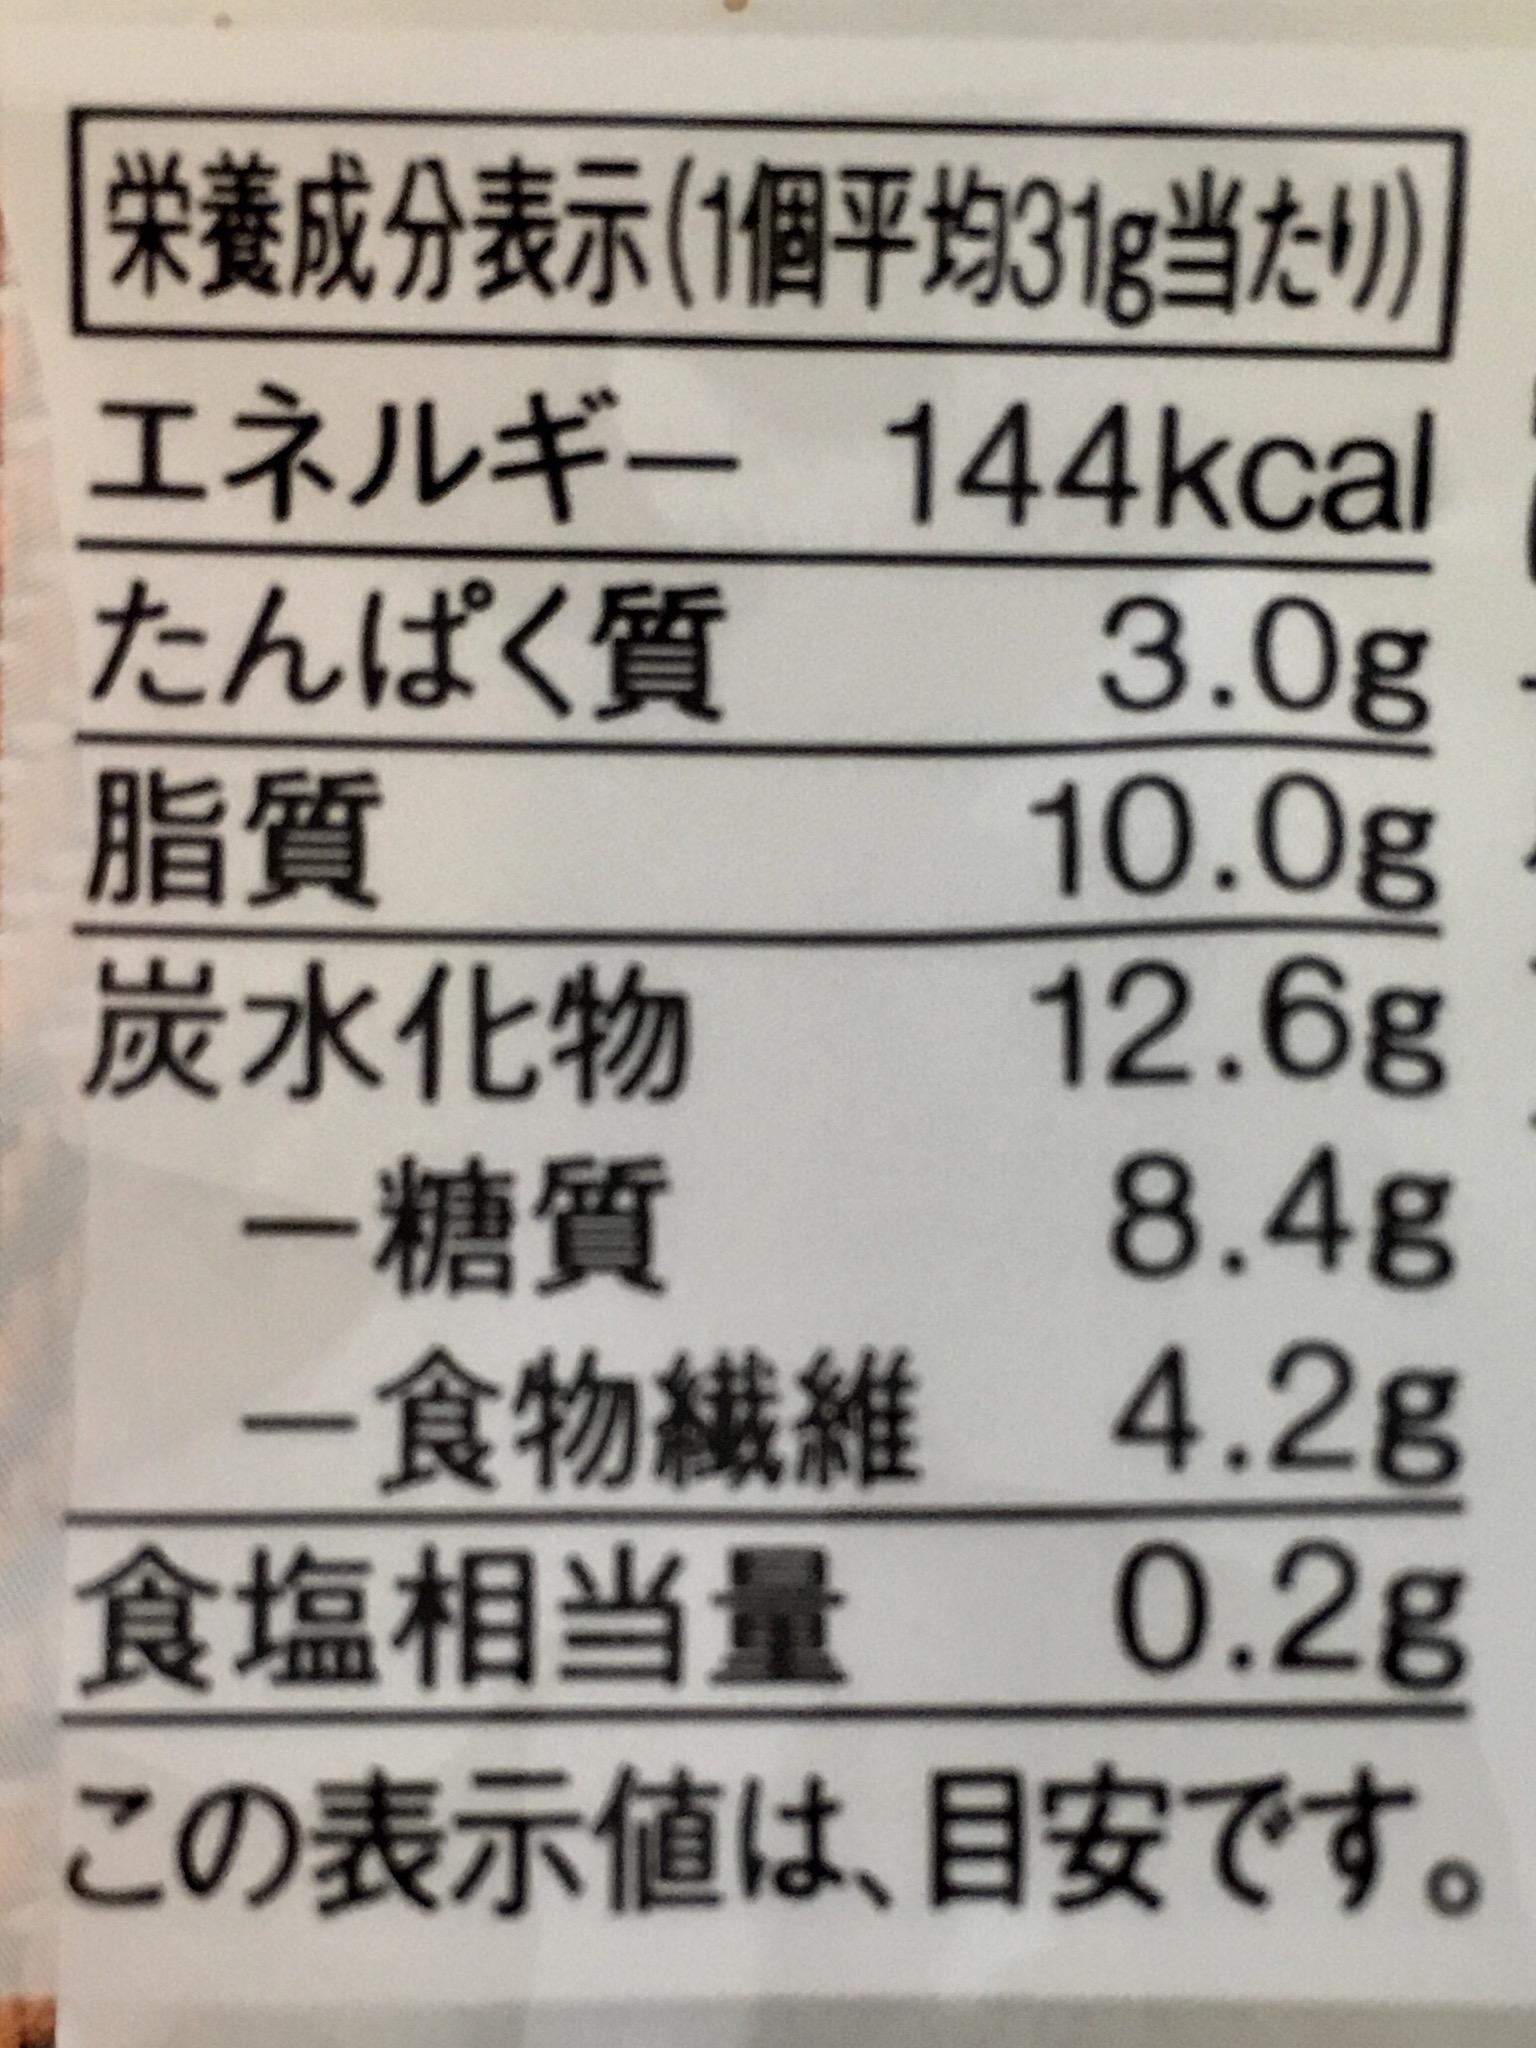 無印良品の糖質10g以下のお菓子 紅茶ドーナツの栄養成分表示